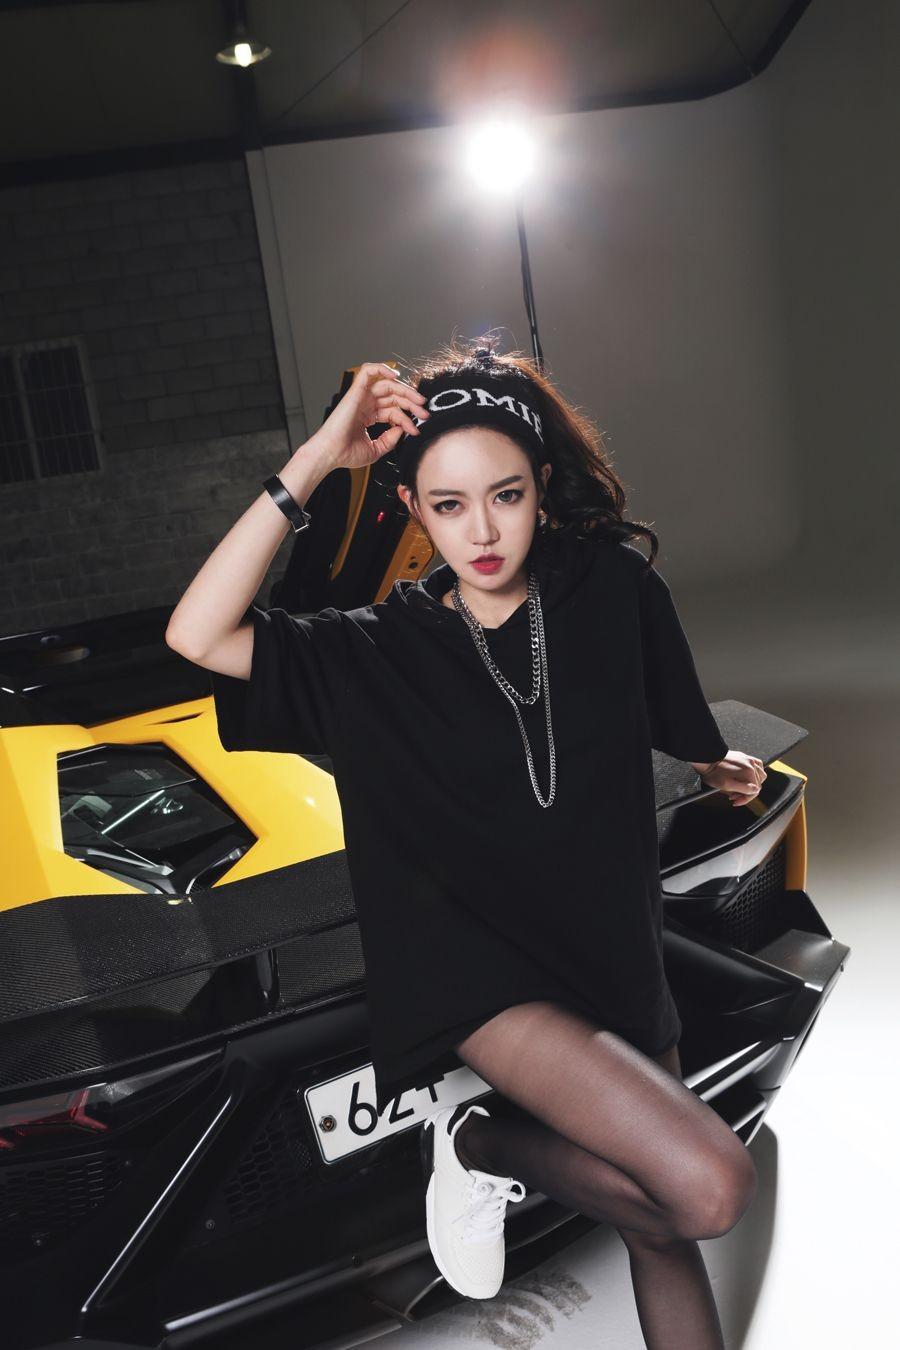 Không thể rời mắt trước vẻ gợi cảm của mỹ nữ xứ Hàn Park Eunsol - 2